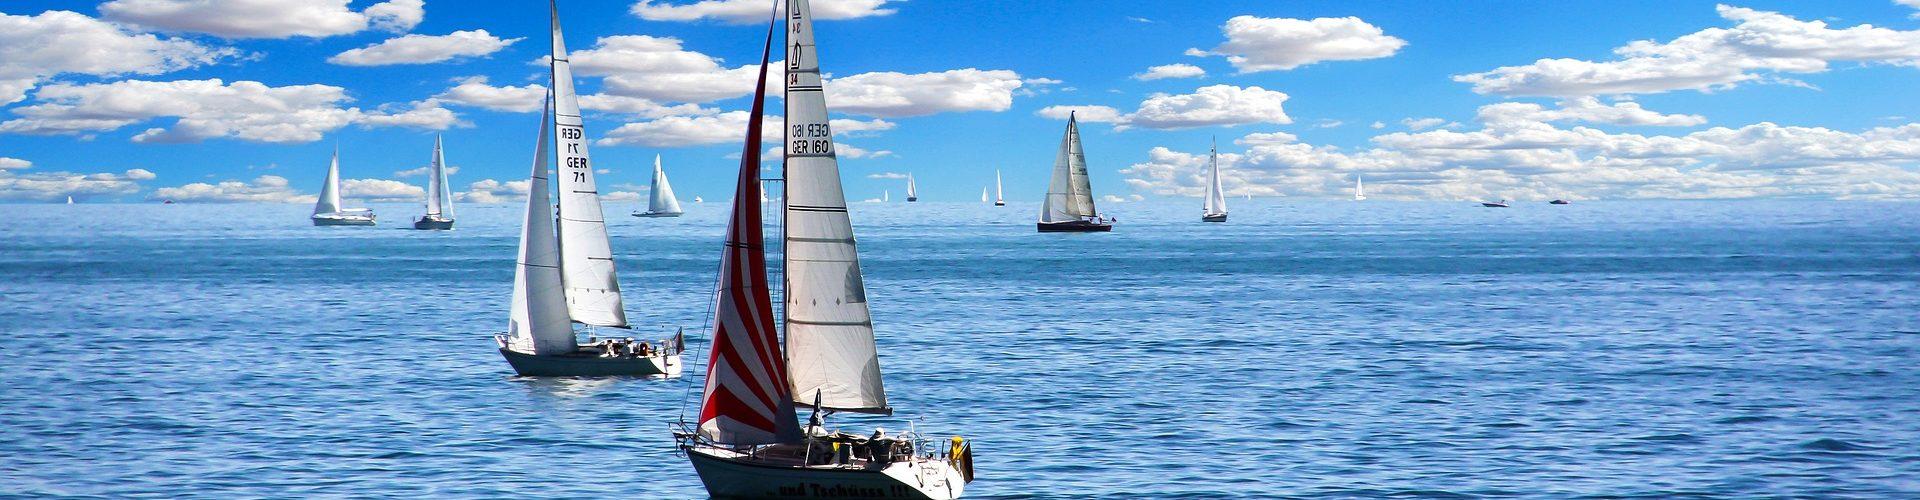 segeln lernen in Sundern segelschein machen in Sundern 1920x500 - Segeln lernen in Sundern